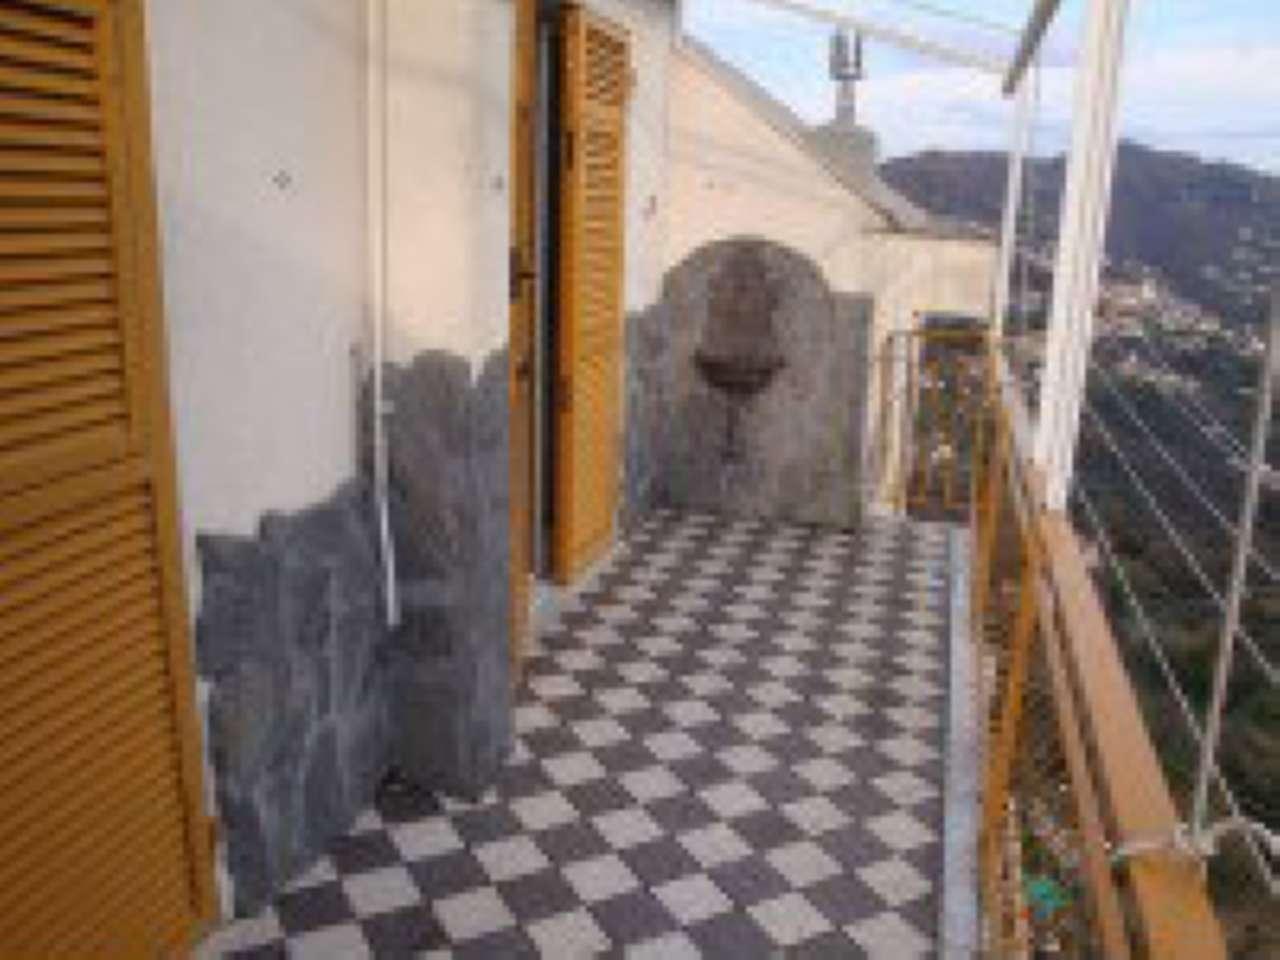 Attico / Mansarda in affitto a Uscio, 4 locali, prezzo € 350 | CambioCasa.it